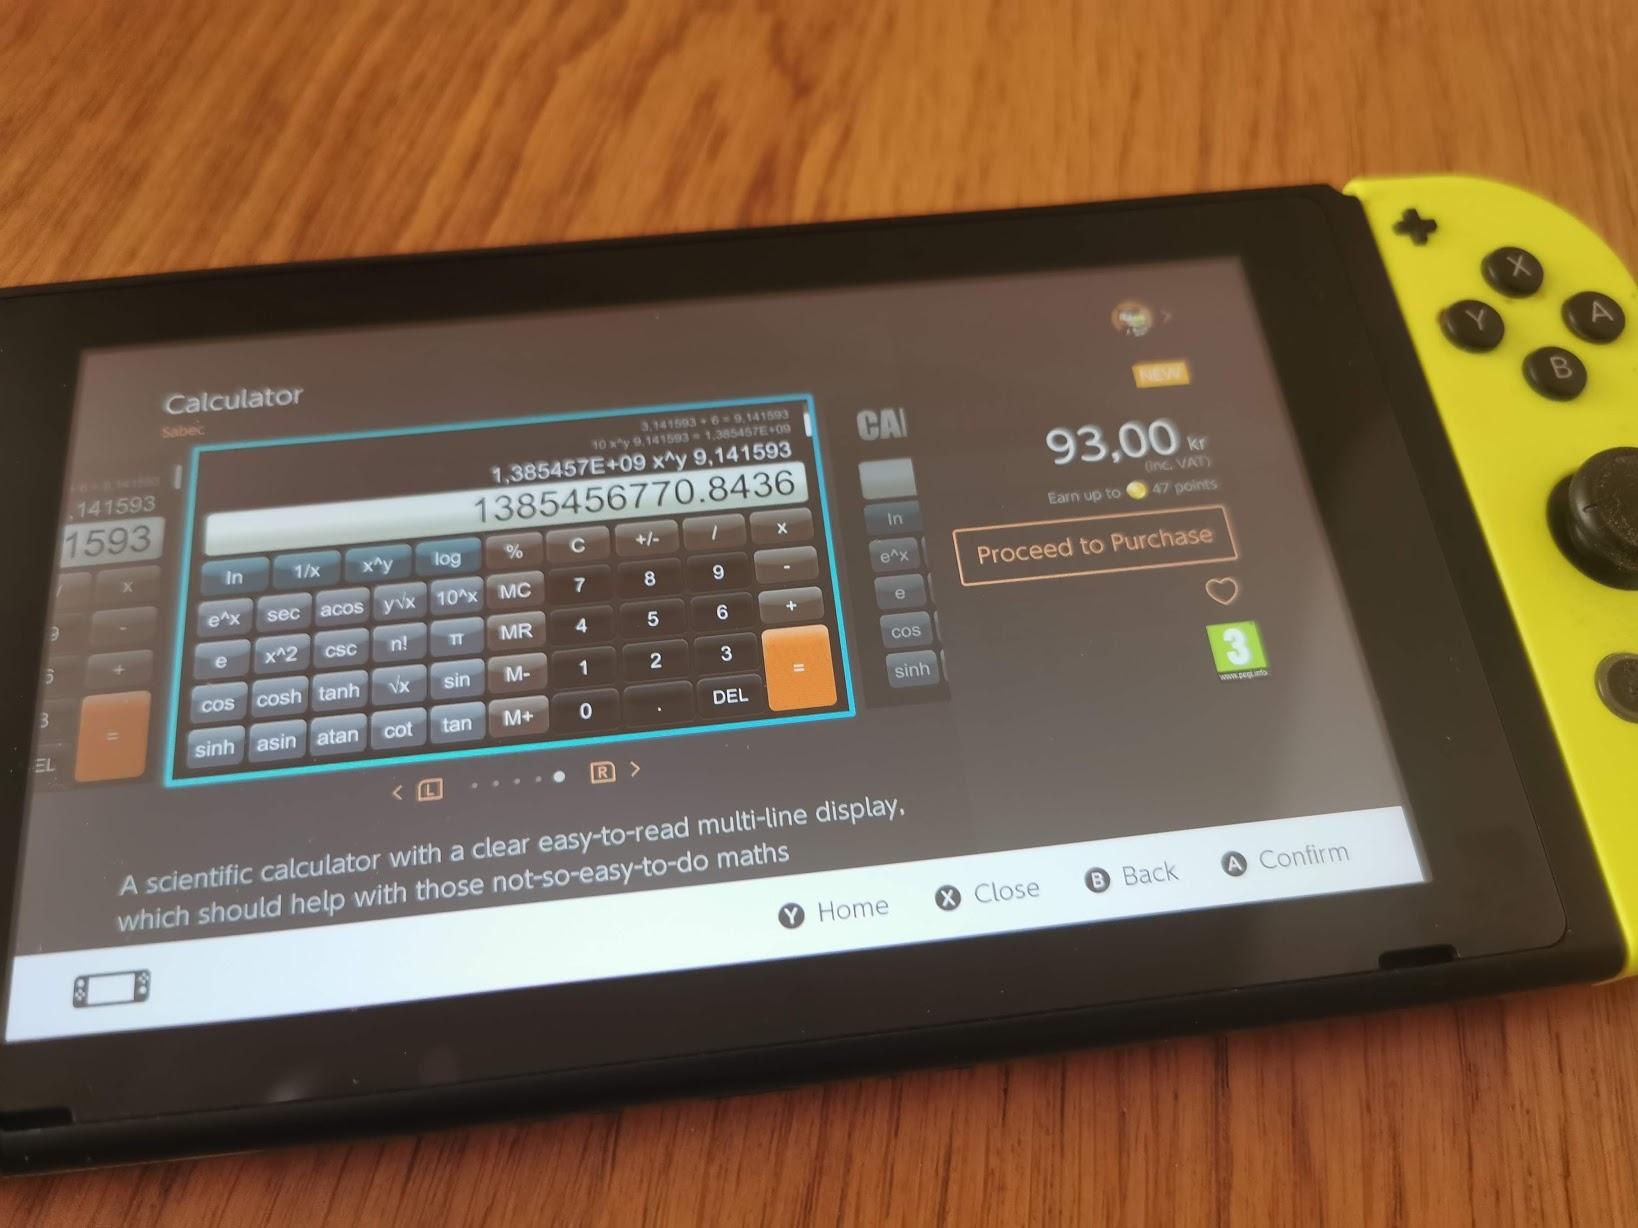 Nu kommer miniräknare till Nintendo Switch Men den kostar nästan en hundring